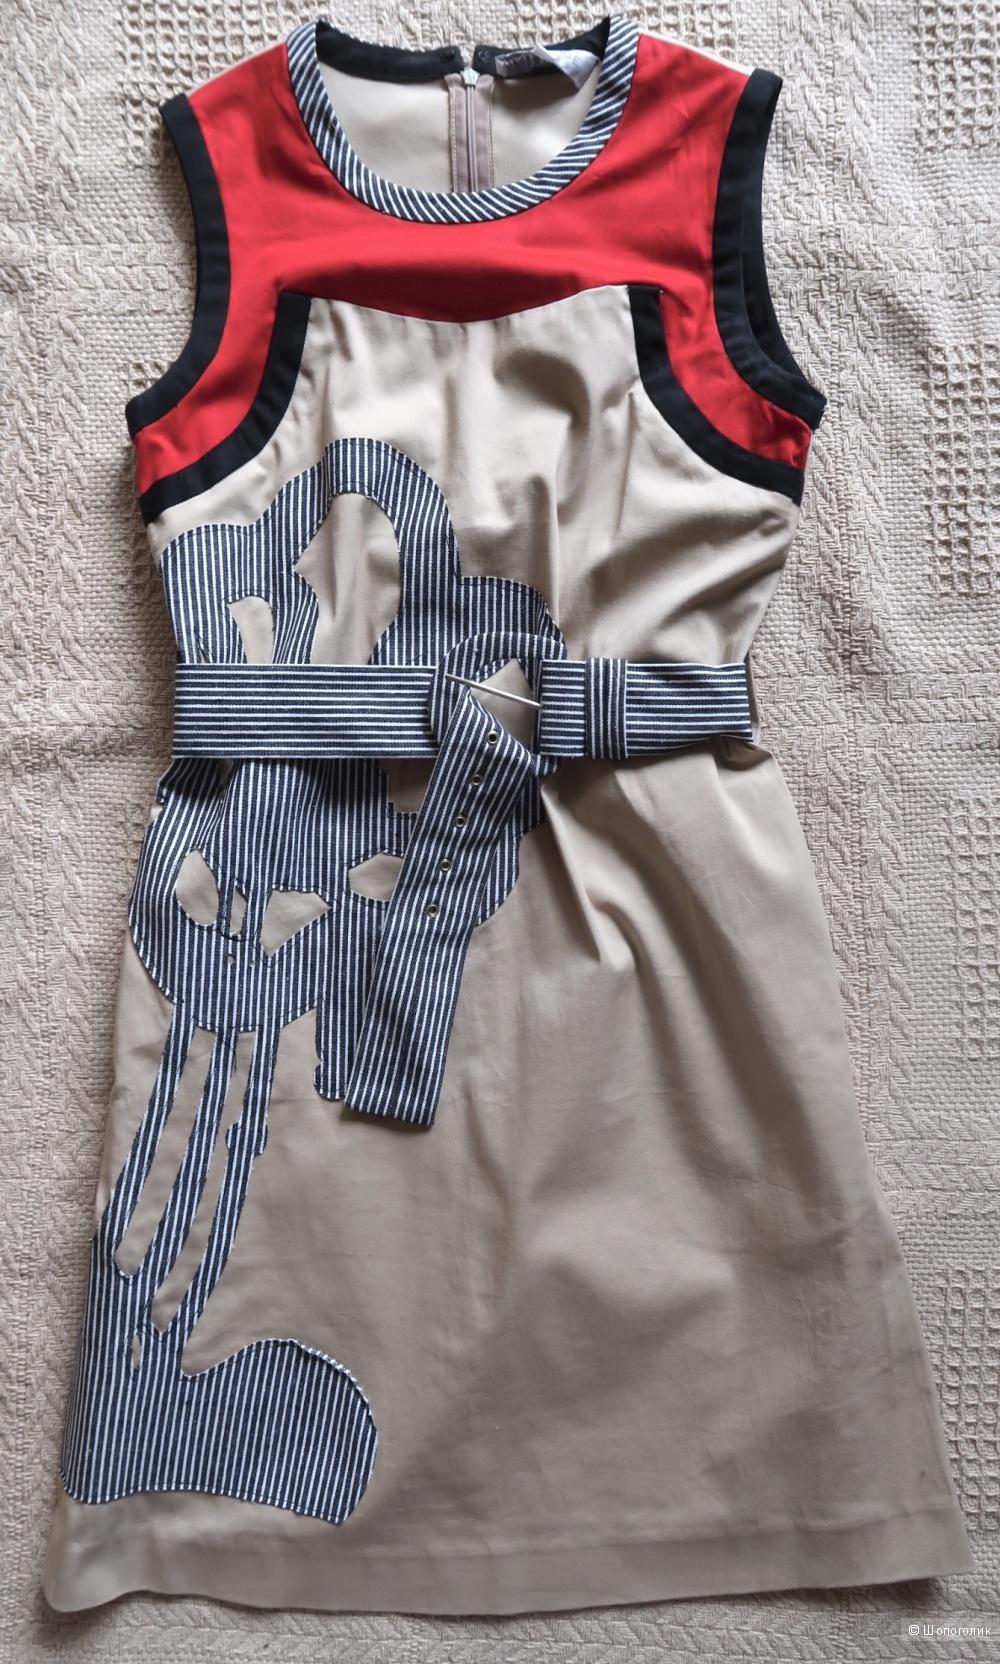 Хлопковое платье на российский 40-42 размер